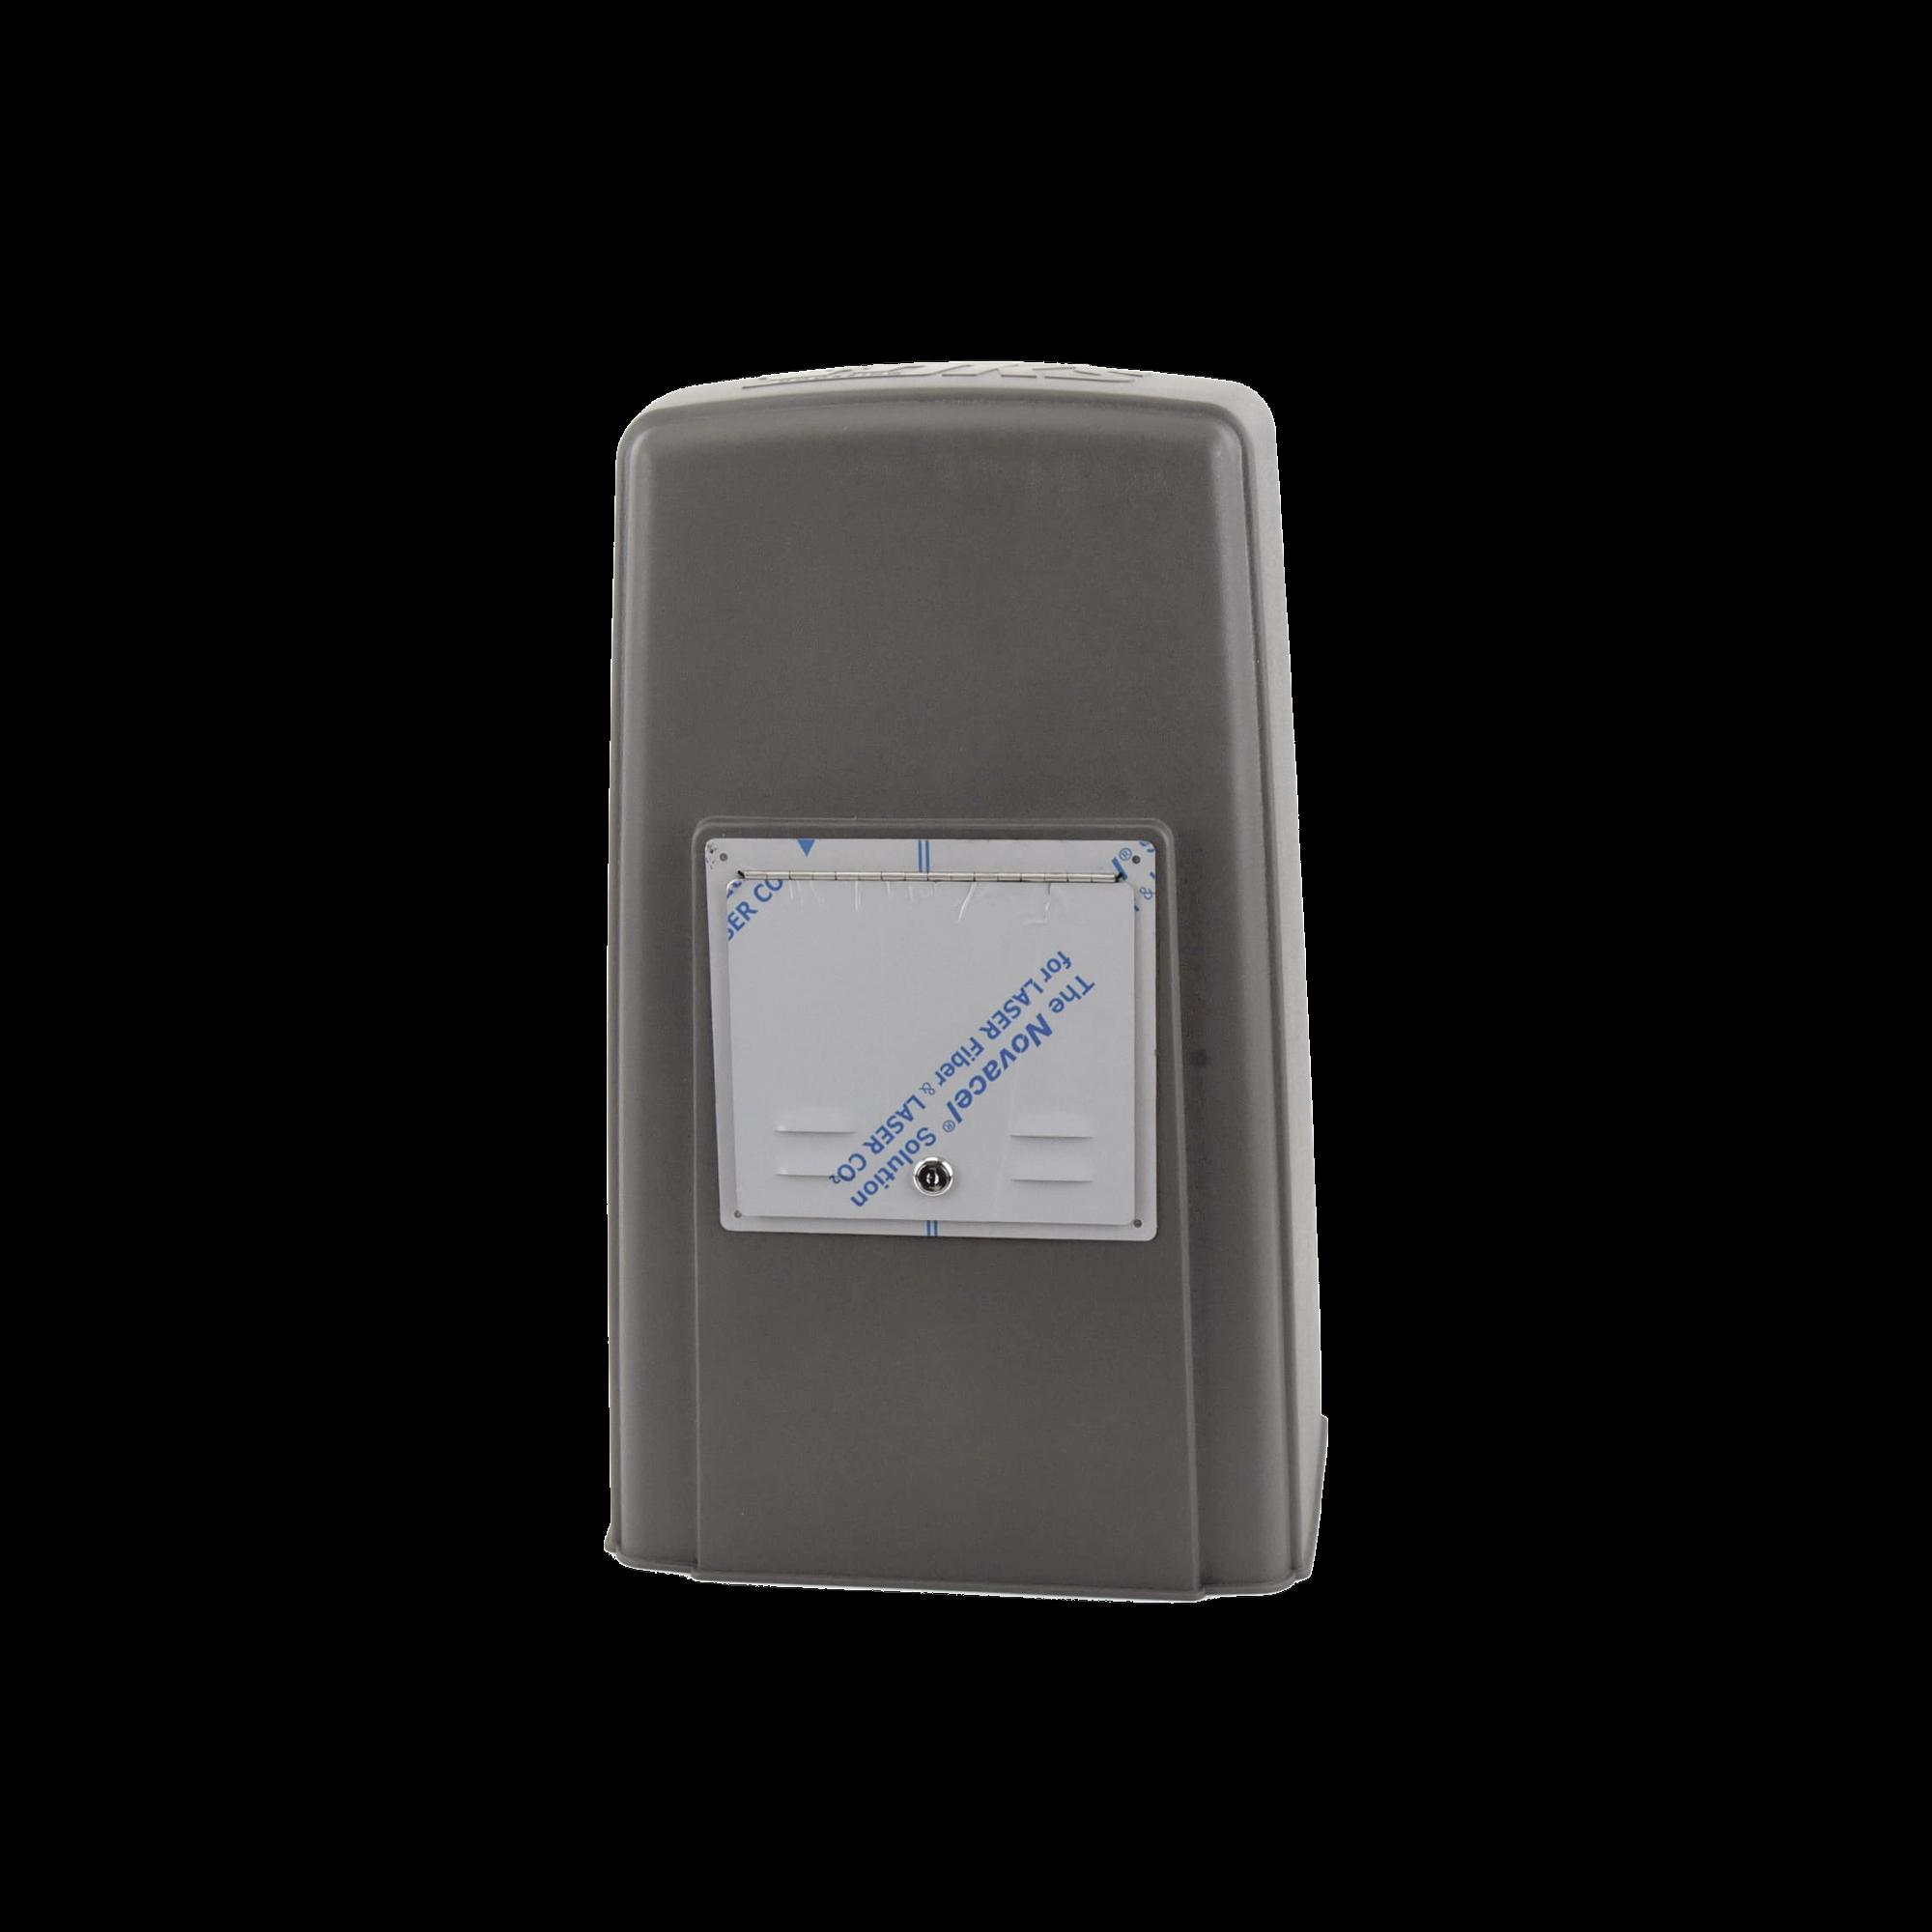 Operador Primario Para Puerta Corredizas de 680 kg y 10.7 Metros de Longitud / Para Aplicaciones de Uso Continuo / Con 6 Metros de Cadena Incluidos